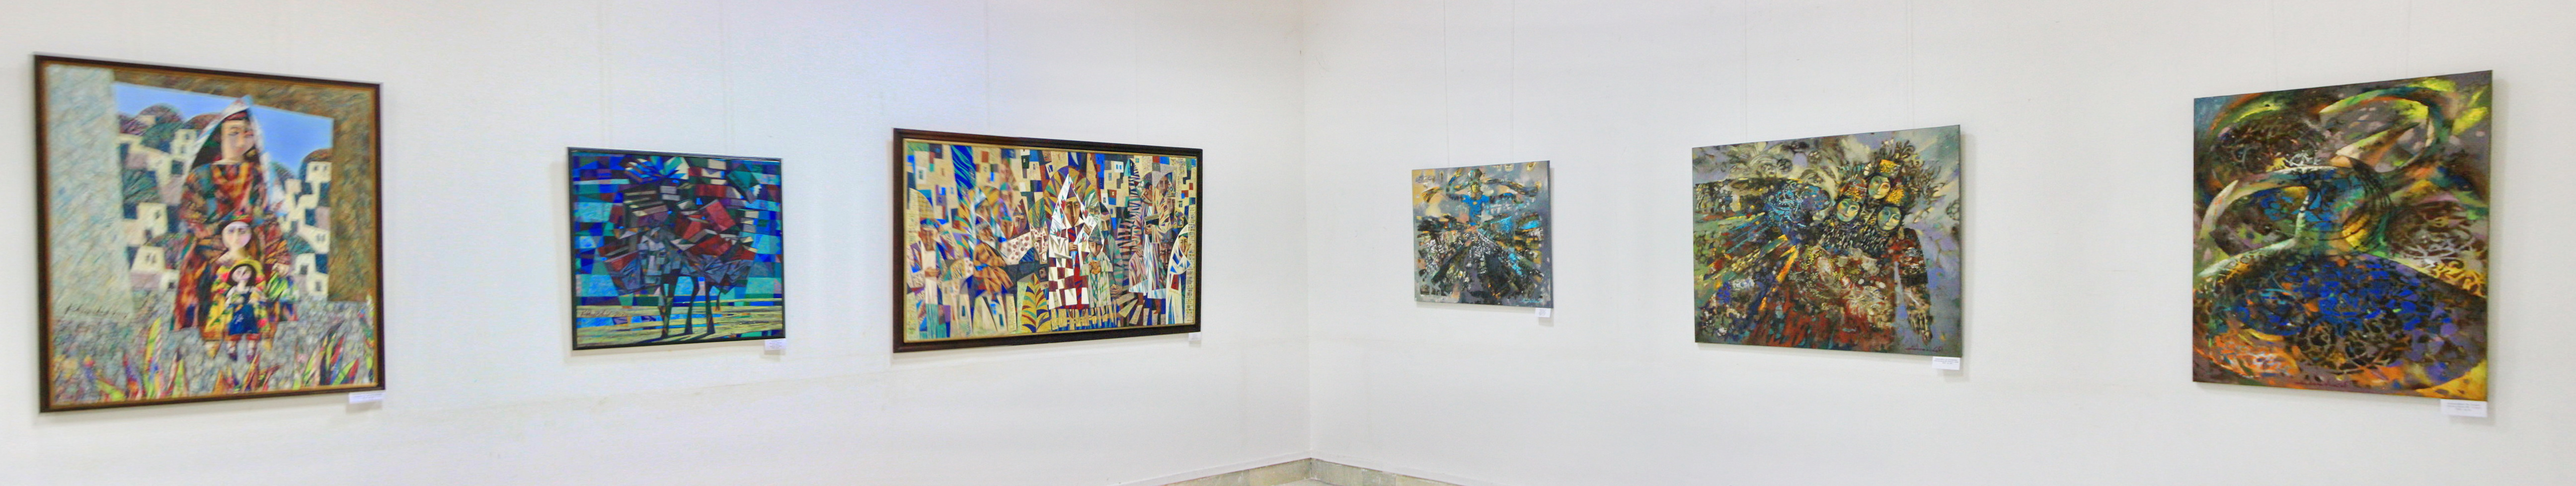 Экспозиция картин. Х. Зияханова и Ш. Абдумаликова